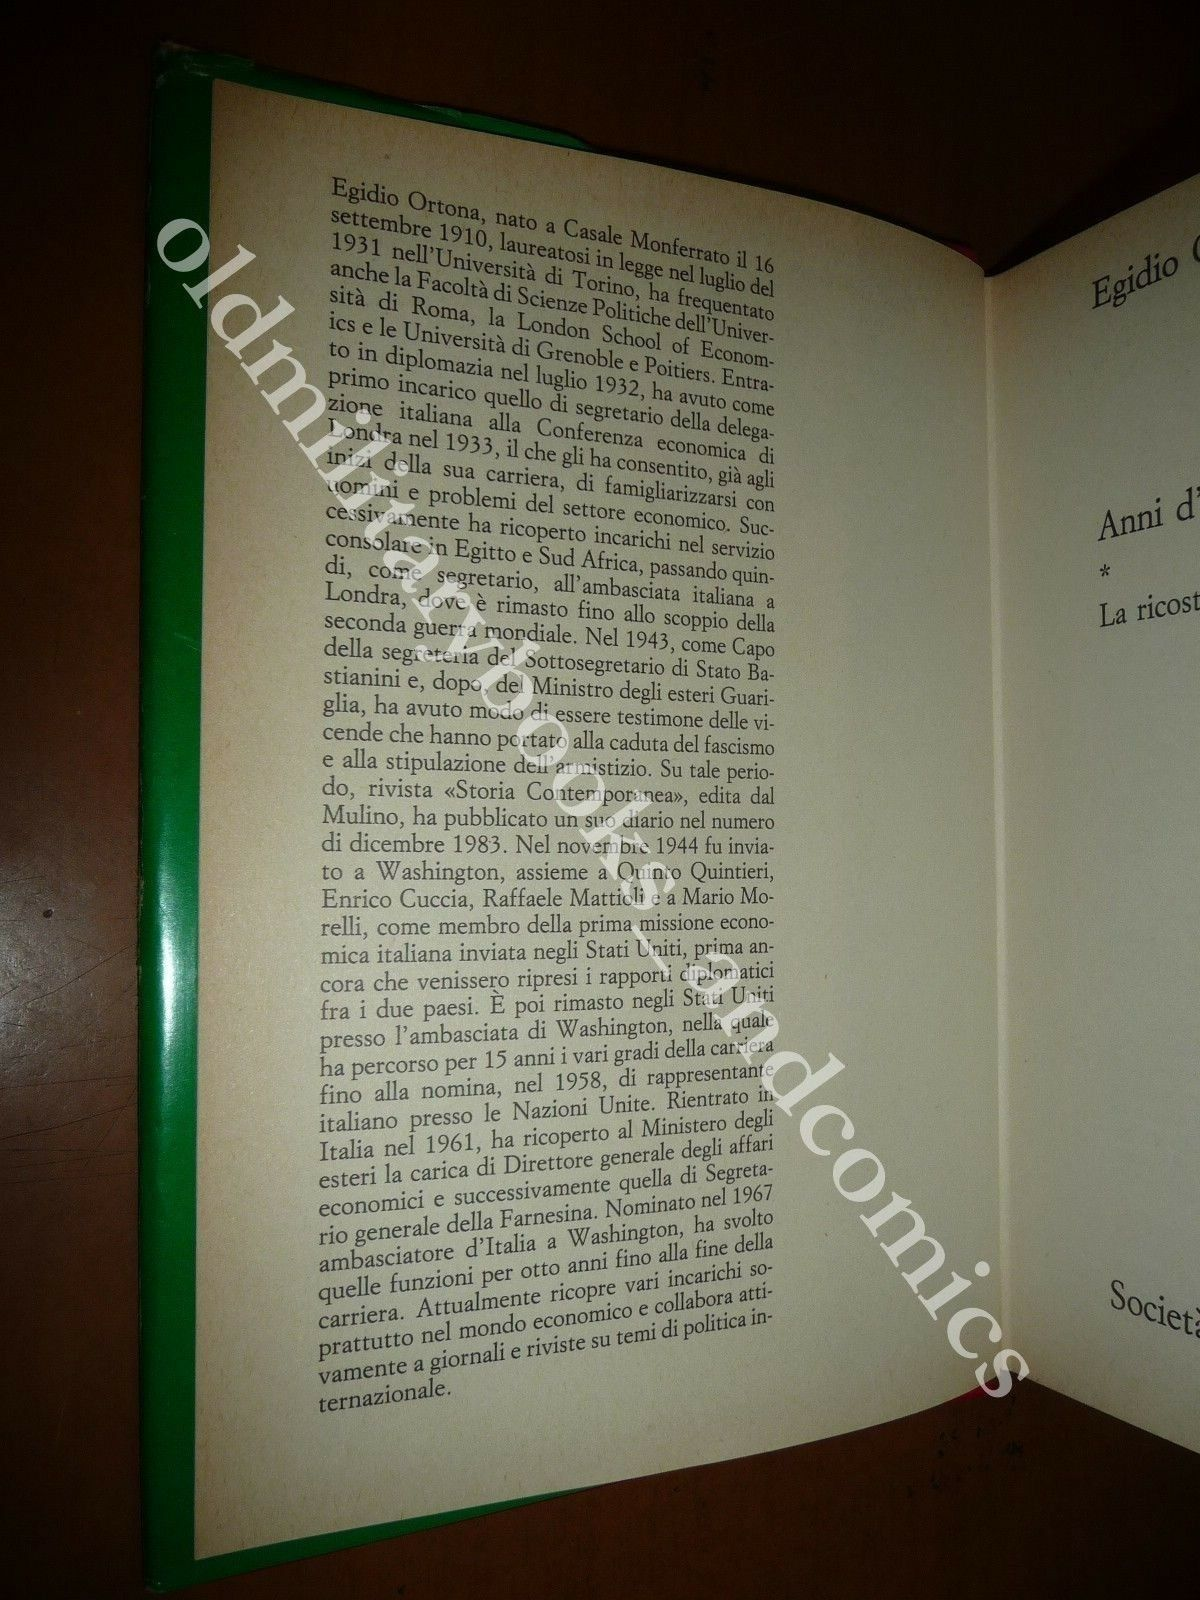 ANNI D'AMERICA EGIDIO ORTONA 1984 LA RICOSTRUZIONE 1944-1951 WWII DOPOGUERRA